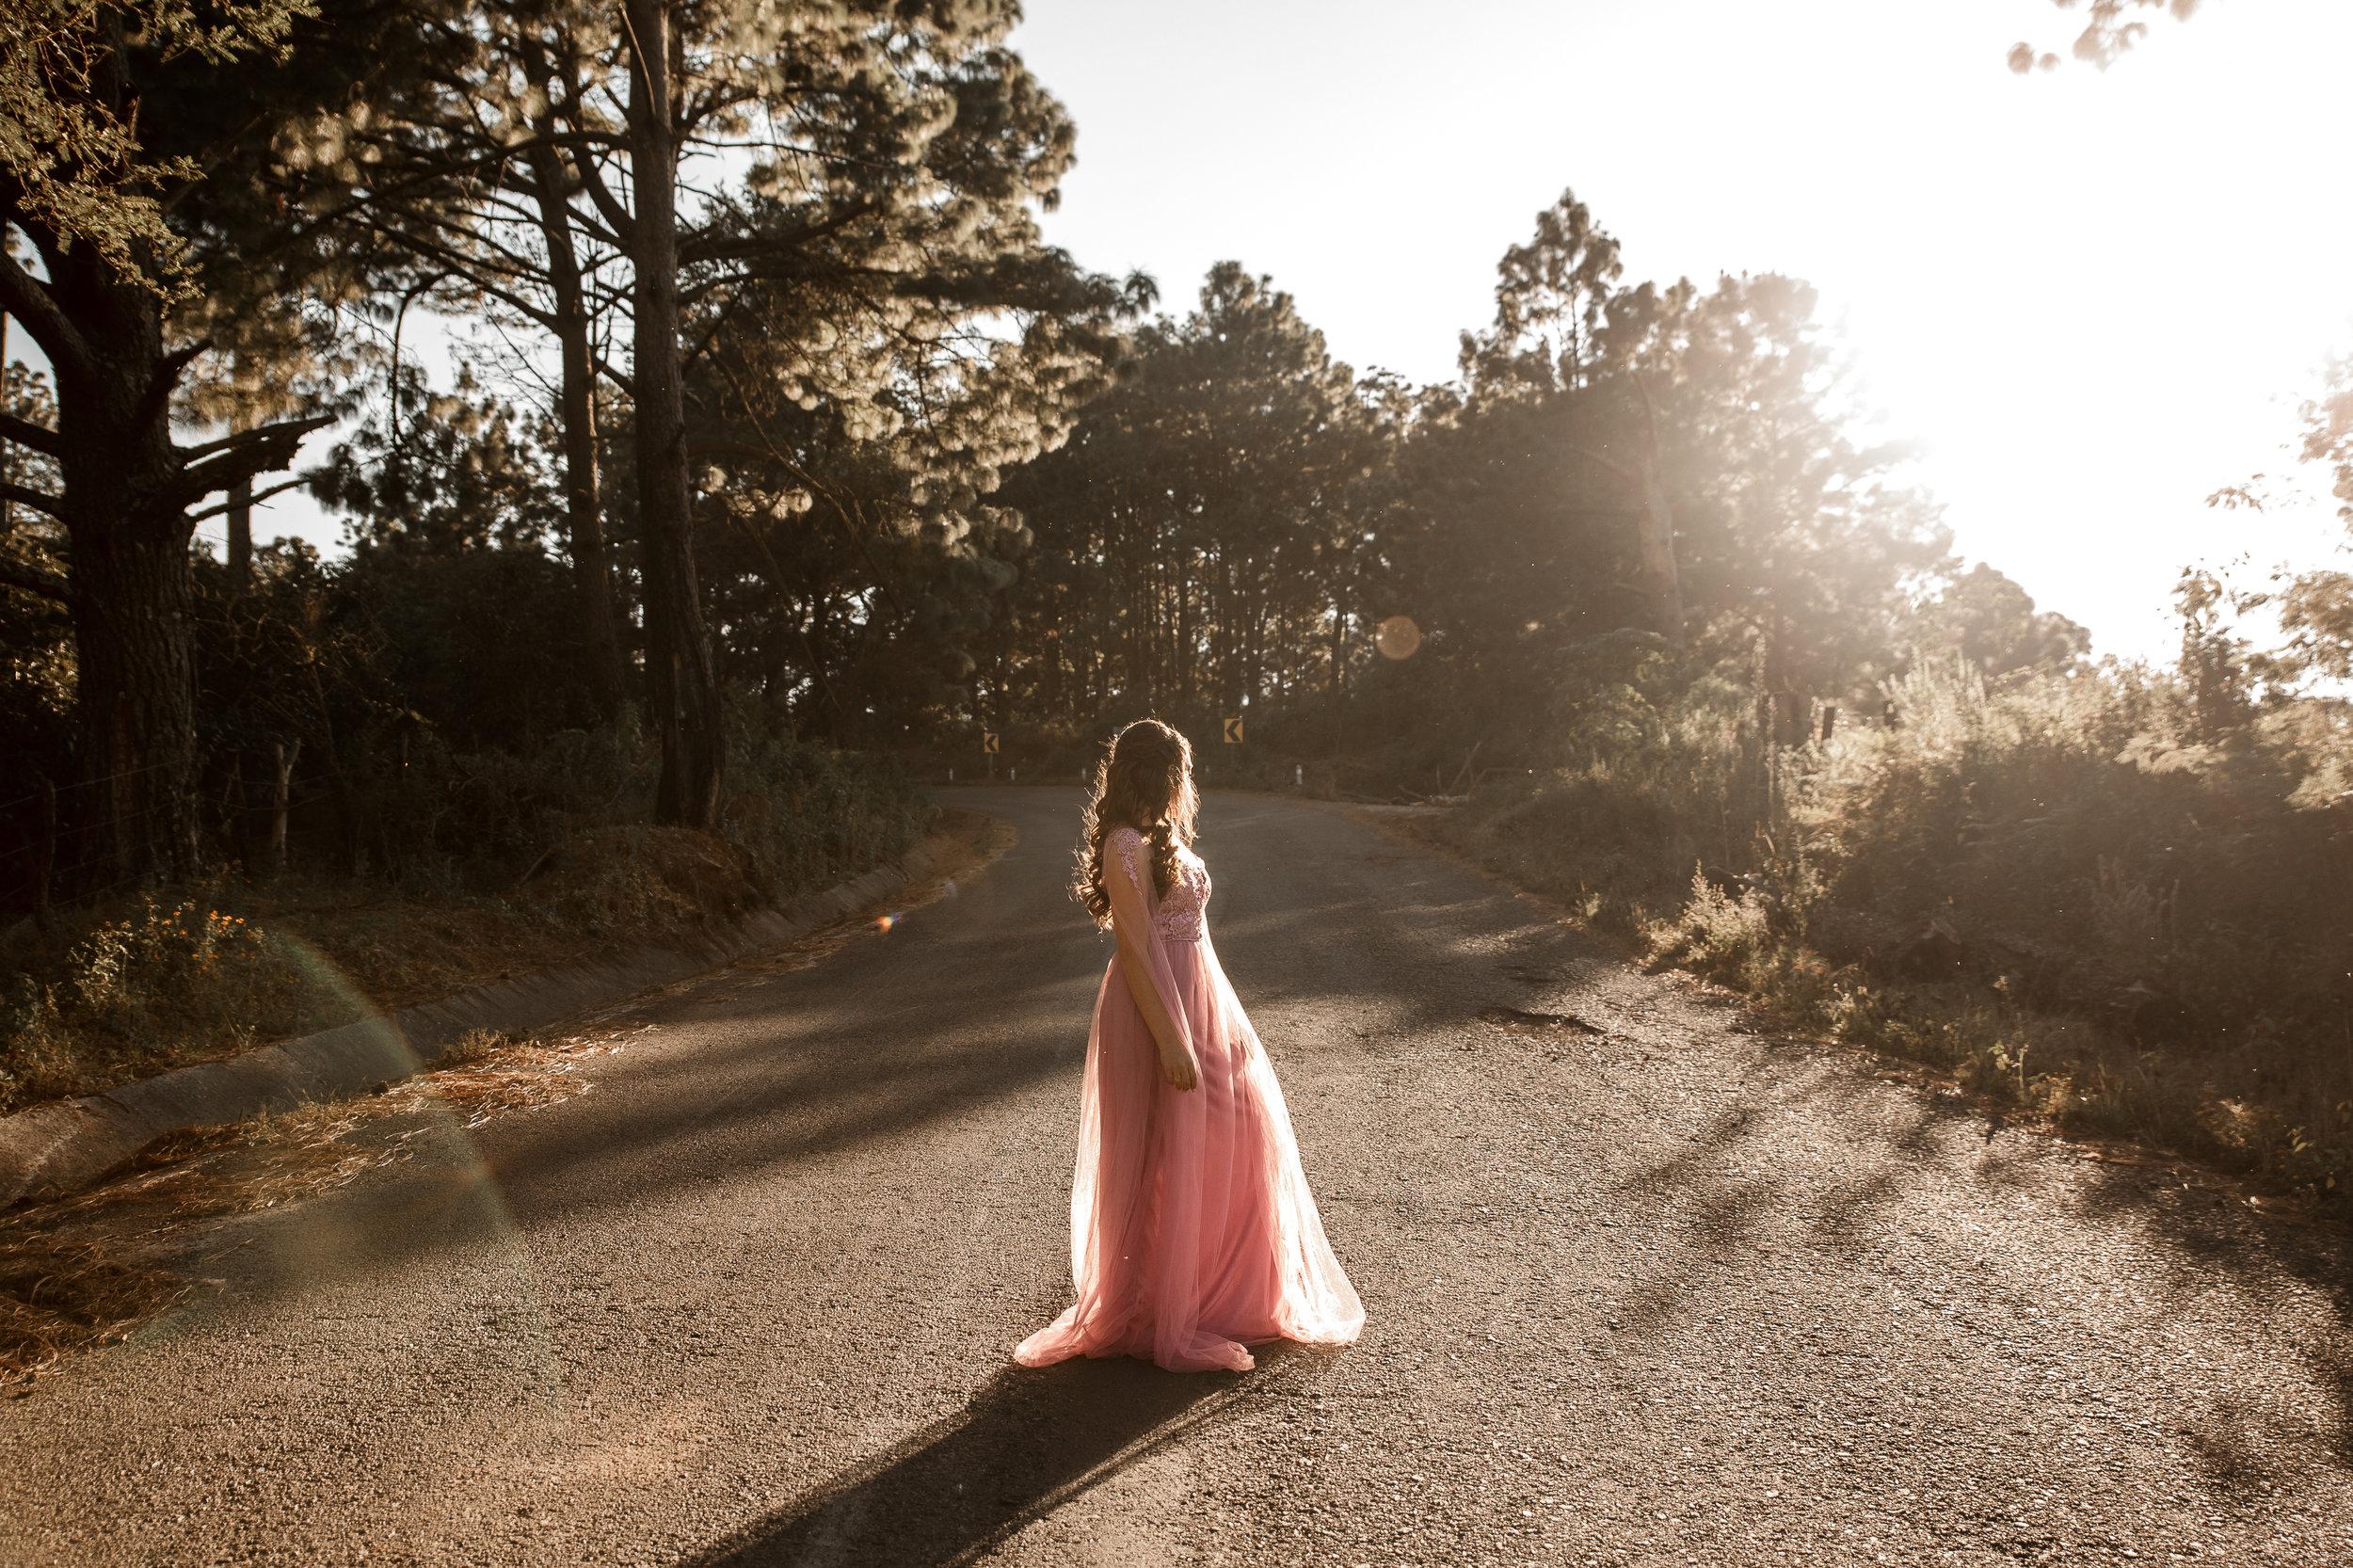 Fotografo-de-bodas-destino-Mexico-wedding-destination-photographer-san-miguel-de-allende-guanajuato-queretaro-boho-bohemian-bohemio-chic-editorial-carotida-photographer-xv-anos-sweet-sixteen